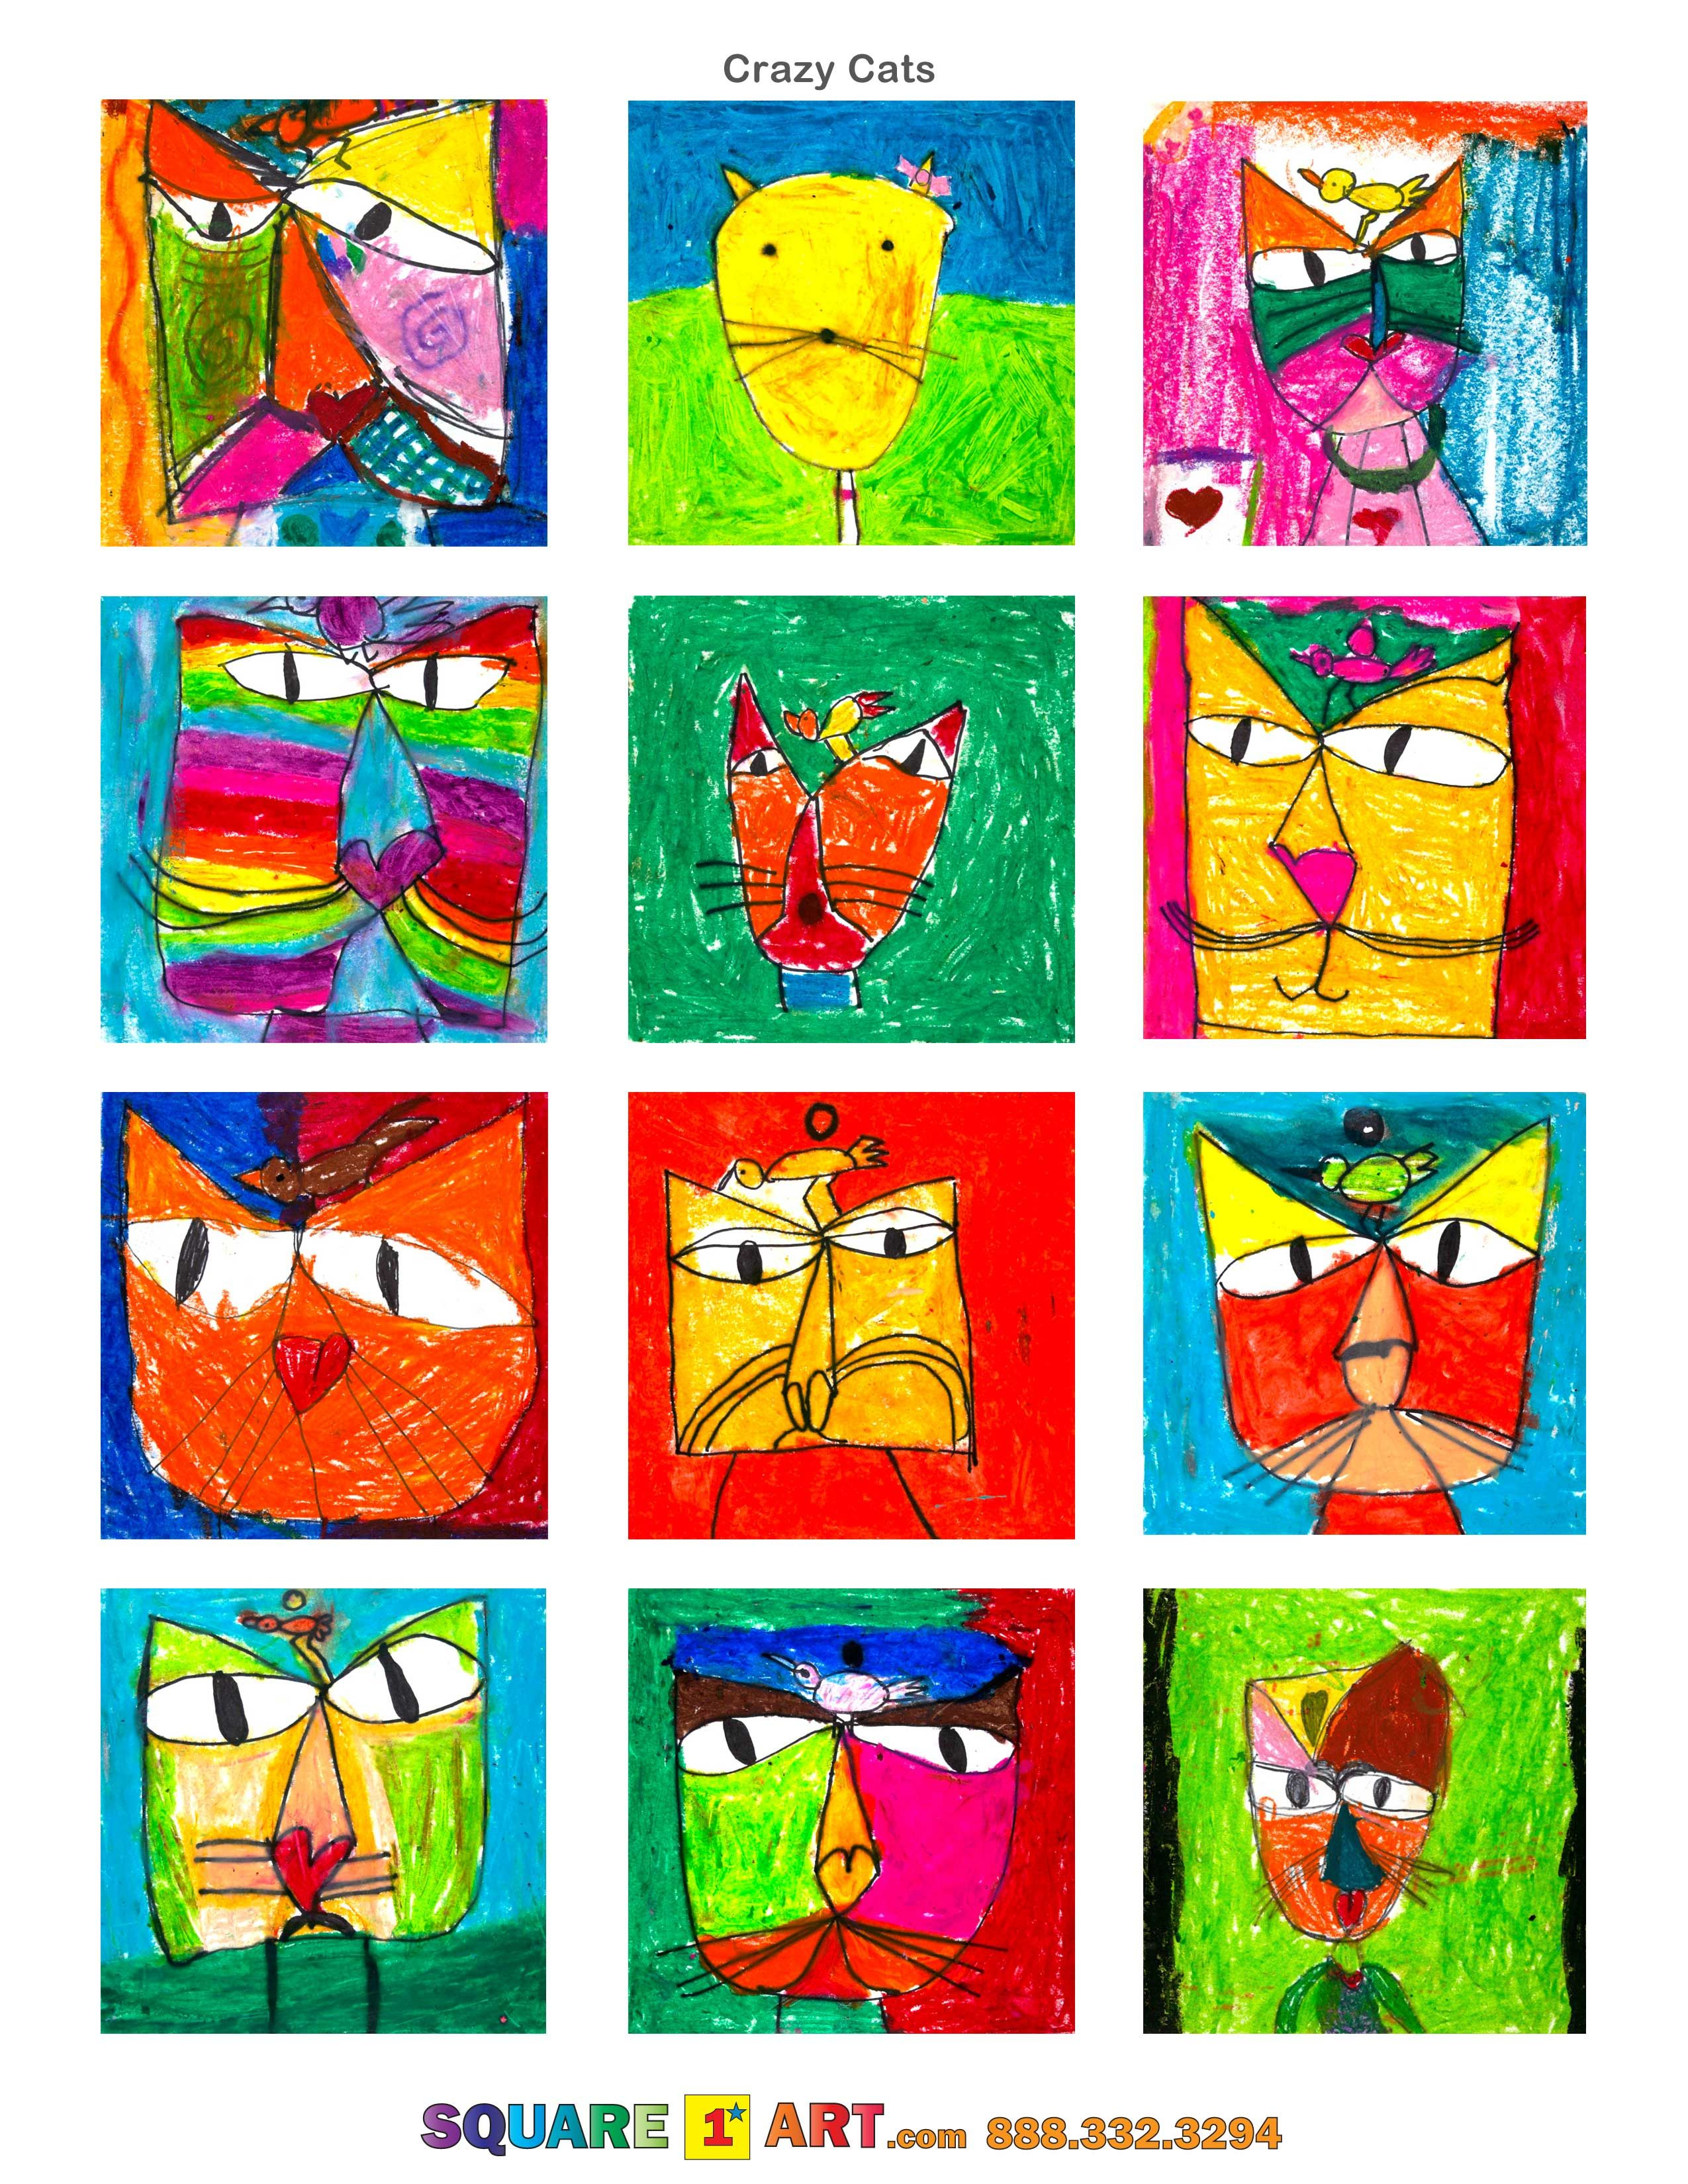 Crazy Cats  Medium: Oil Pastels  www.square1art.com